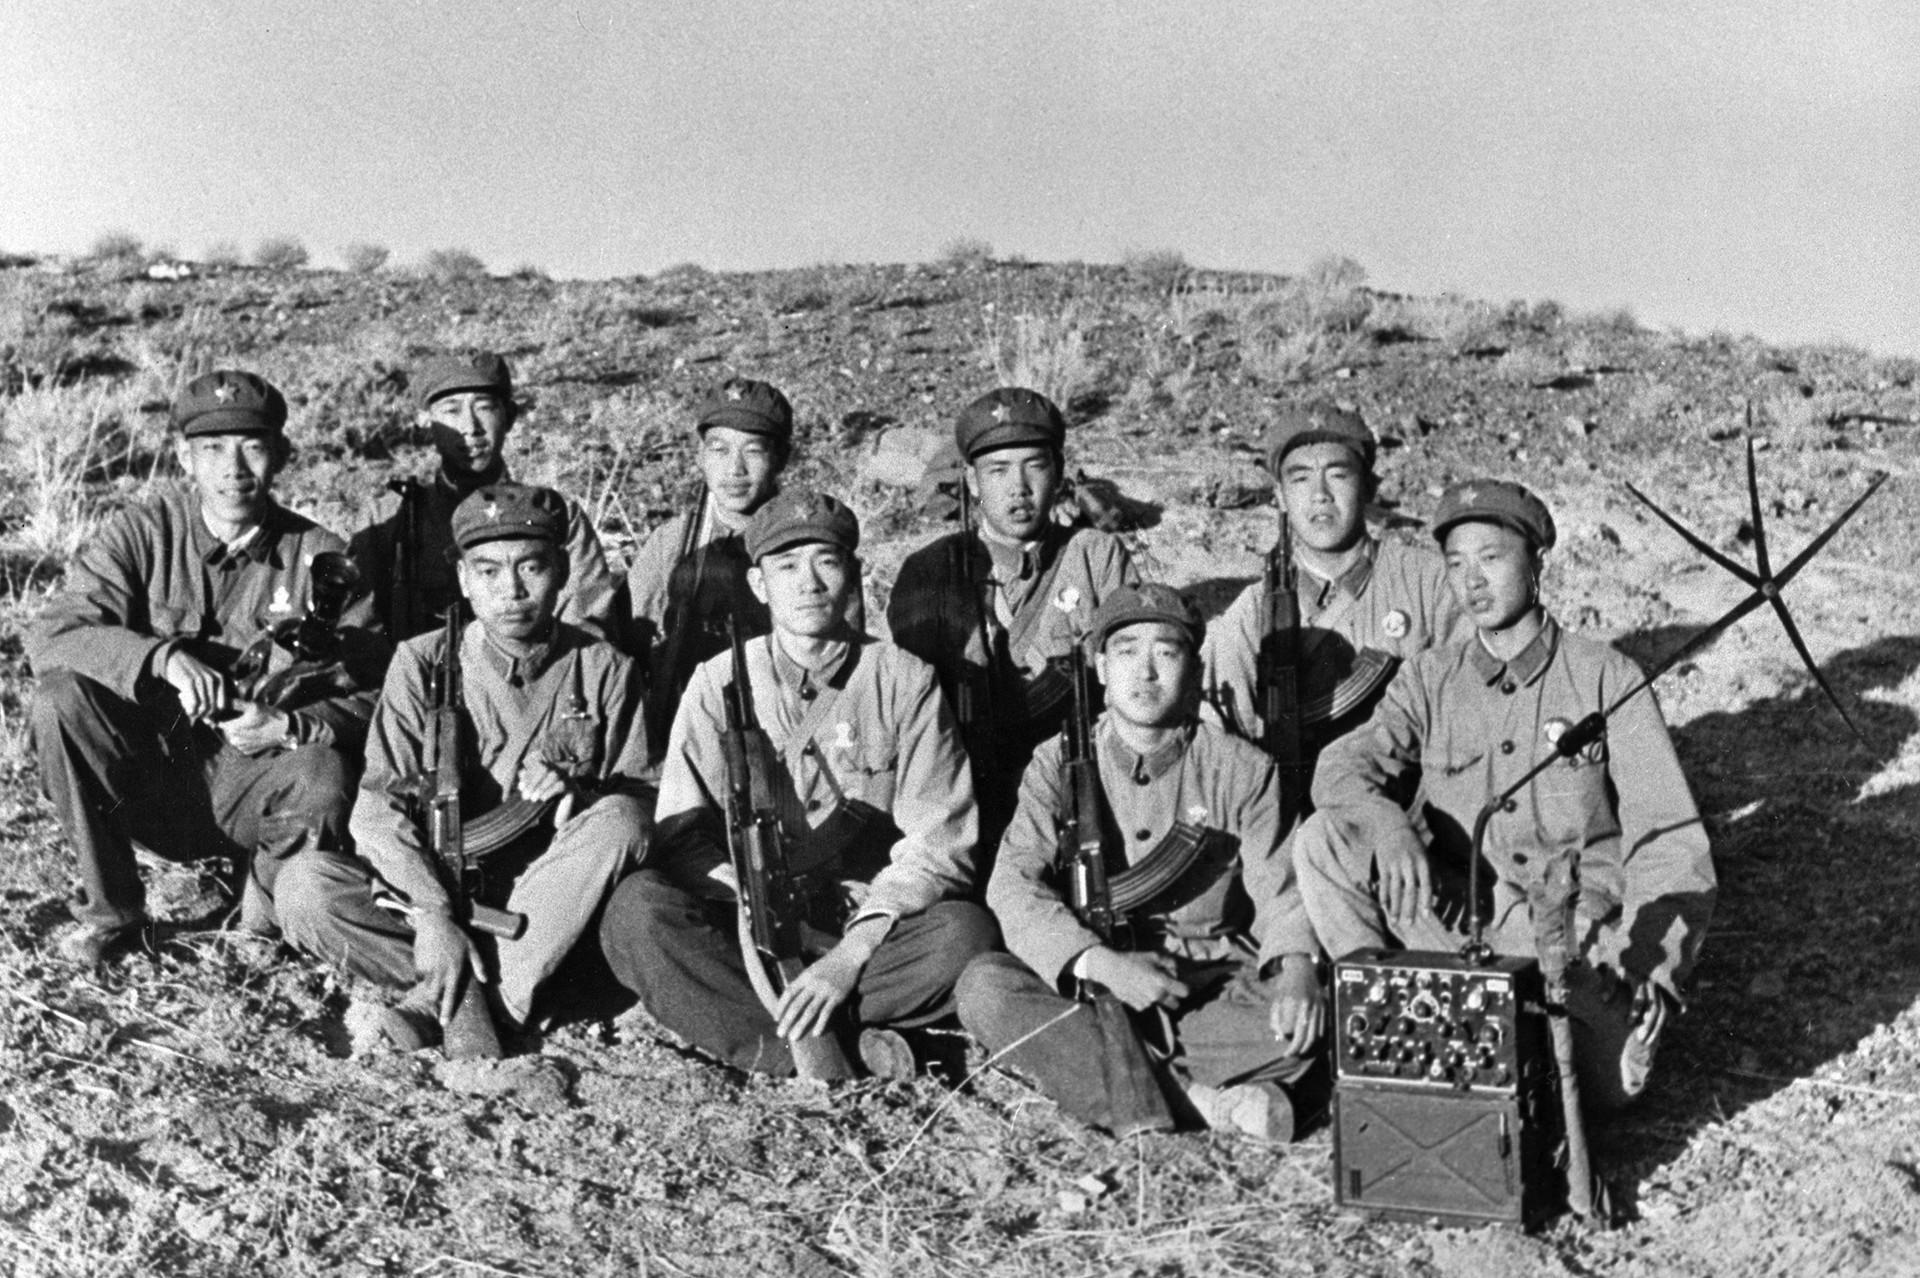 Кинески војници наоружани Калашњиковима фотографисани приликом борбе са совјетским пограничним трупама током сино-совјетског пограничног сукоба.